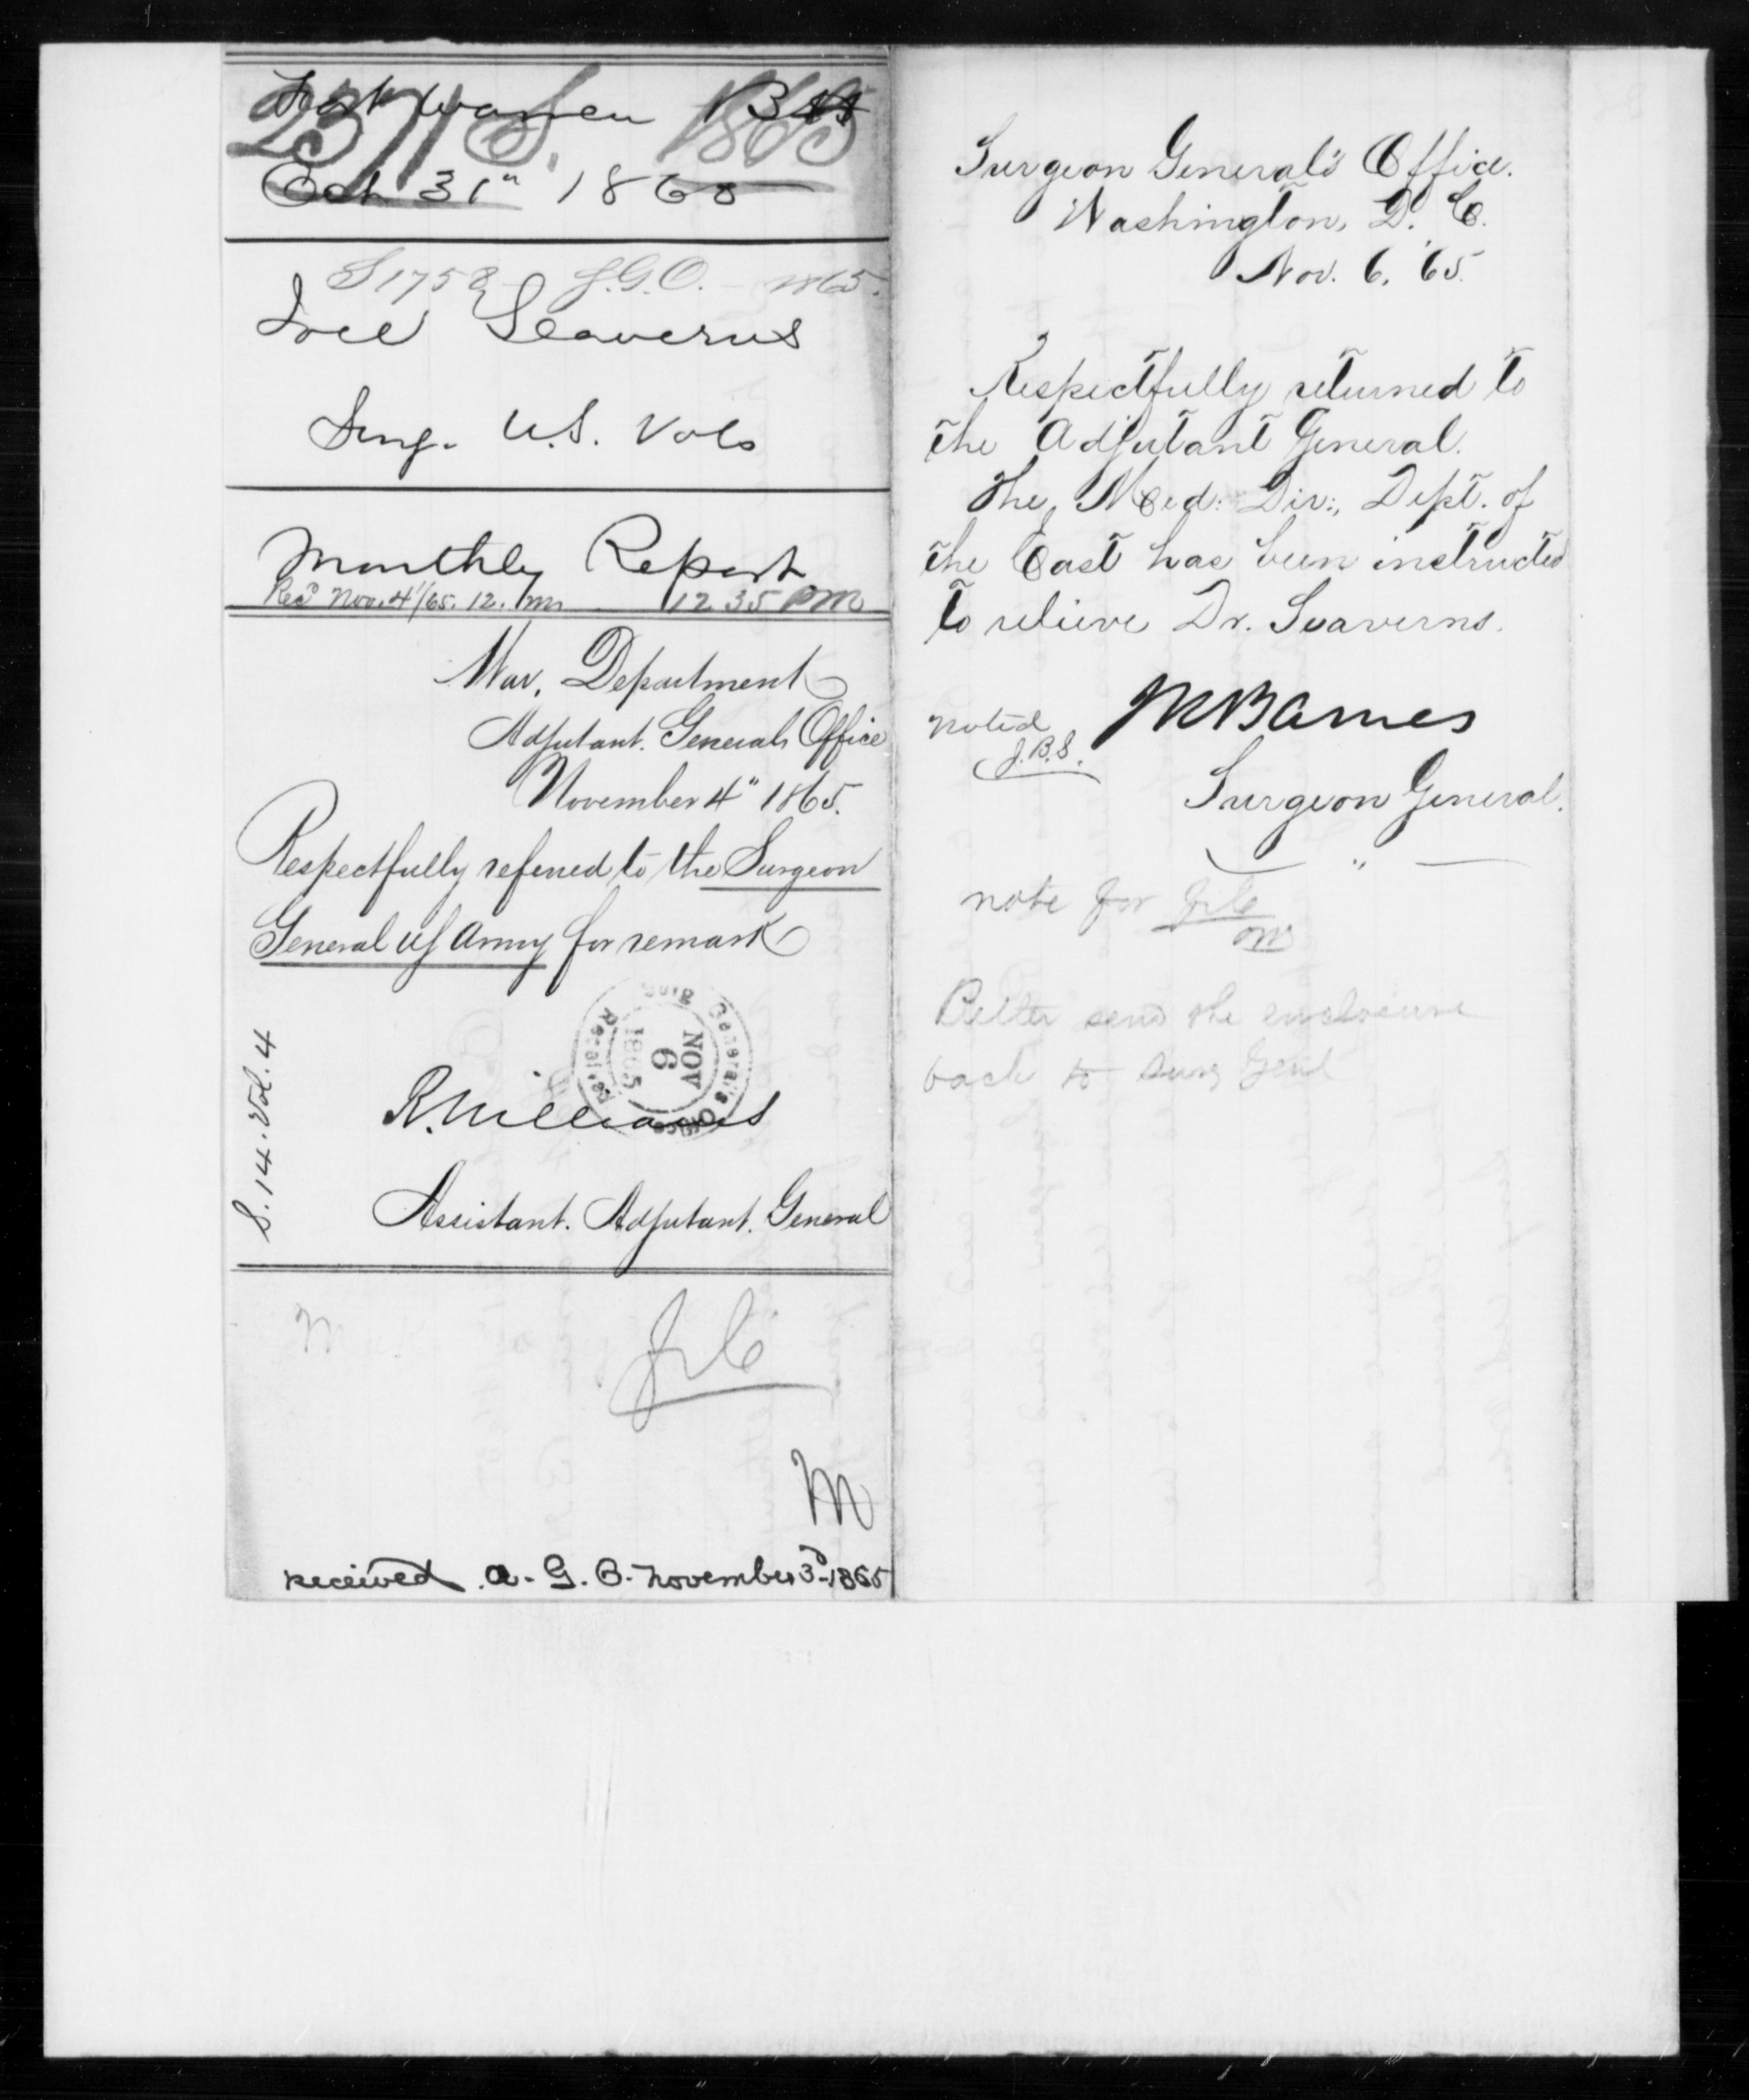 1865 - Seaverus, Joel - File No. S2371